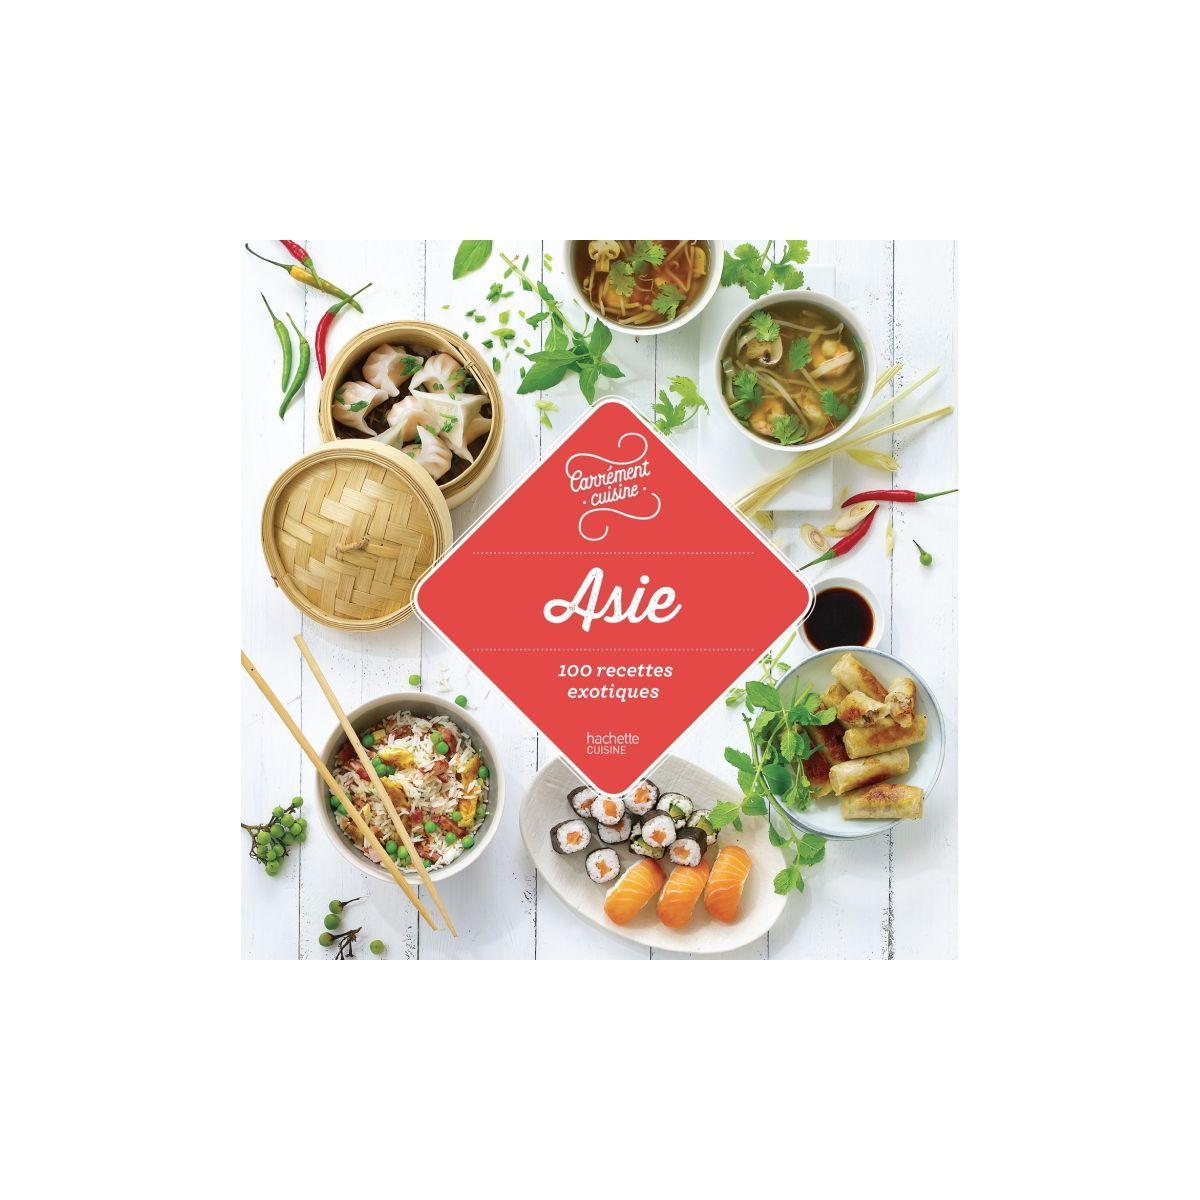 Livre hachette asie 100 recettes exotiqu - 15% de remise immédiate avec le code : cool15 (photo)